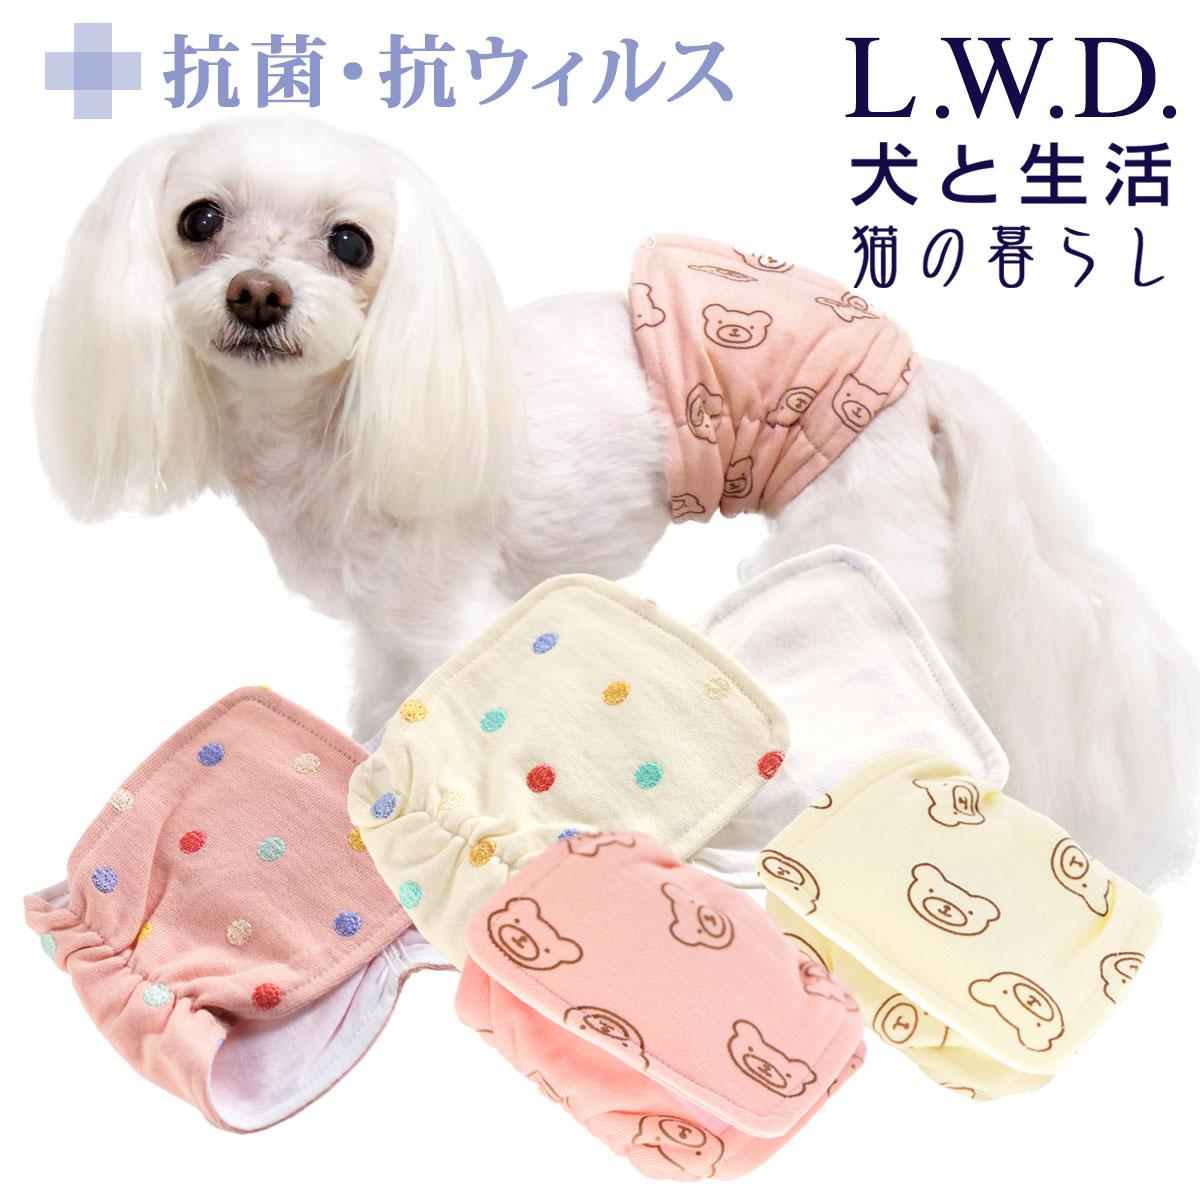 犬 猫 腹巻き 抗菌 抗ウイルス 清潔 皮膚炎 大幅にプライスダウン 舐め壊し防止 ボディウォーマー 人気の腹巻きをクレンゼ生地で作りました 柔らかいお腹部分を清潔に保ちます 500円OFF あったか 腹巻 はらまき 抗ウィルス効果のある生地を使用 シニア応援フェア 安心 安全 値引き 優しい 腹巻きクレンゼXXS XS抗菌